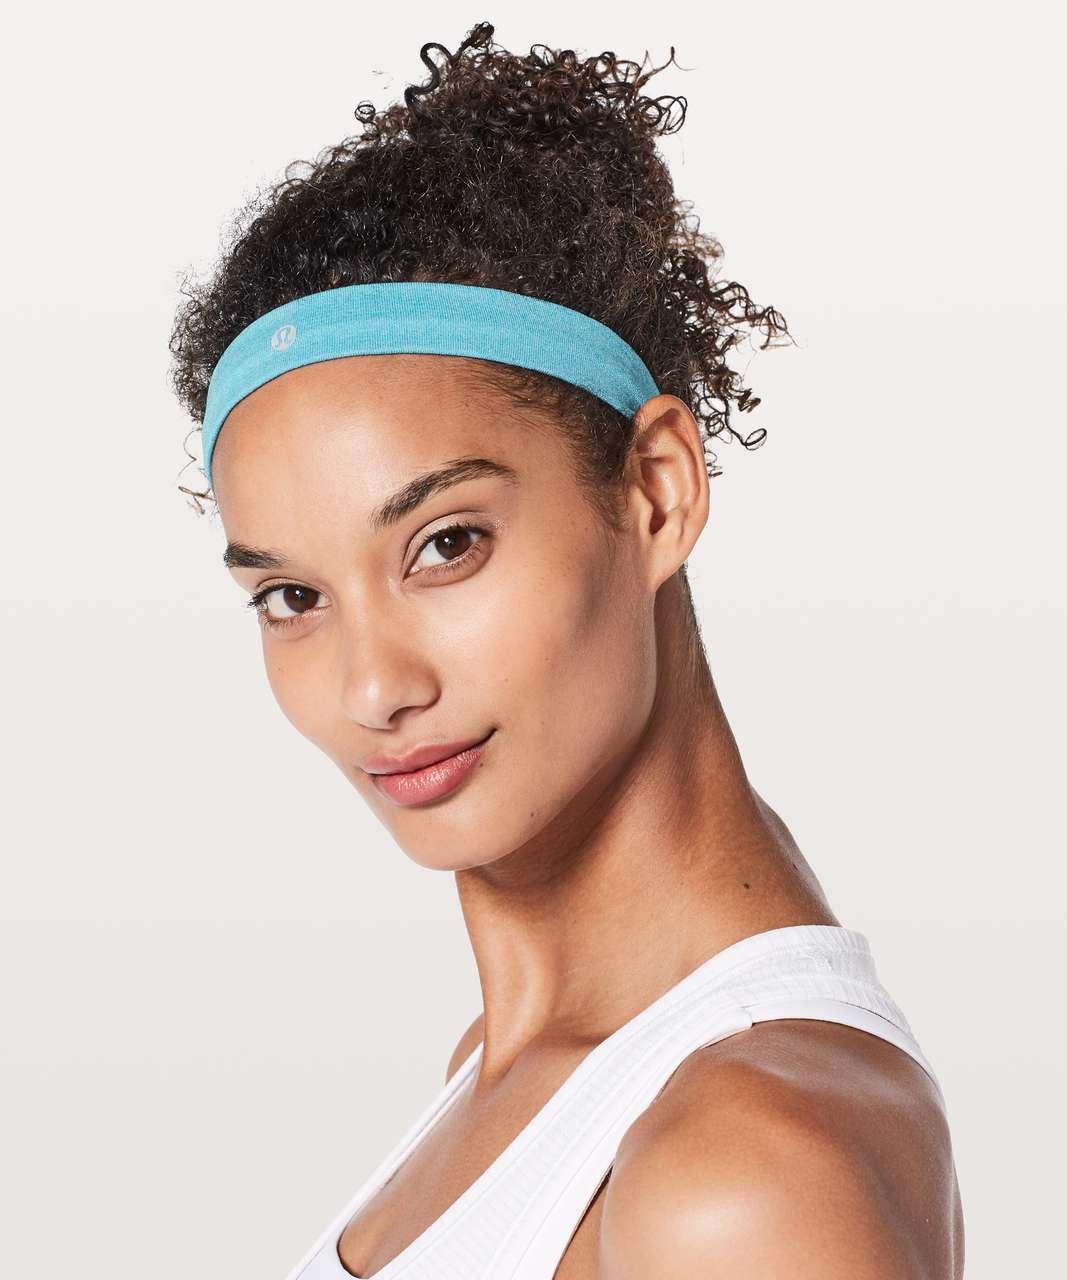 Lululemon Cardio Cross Trainer Headband - Teal Blue / White